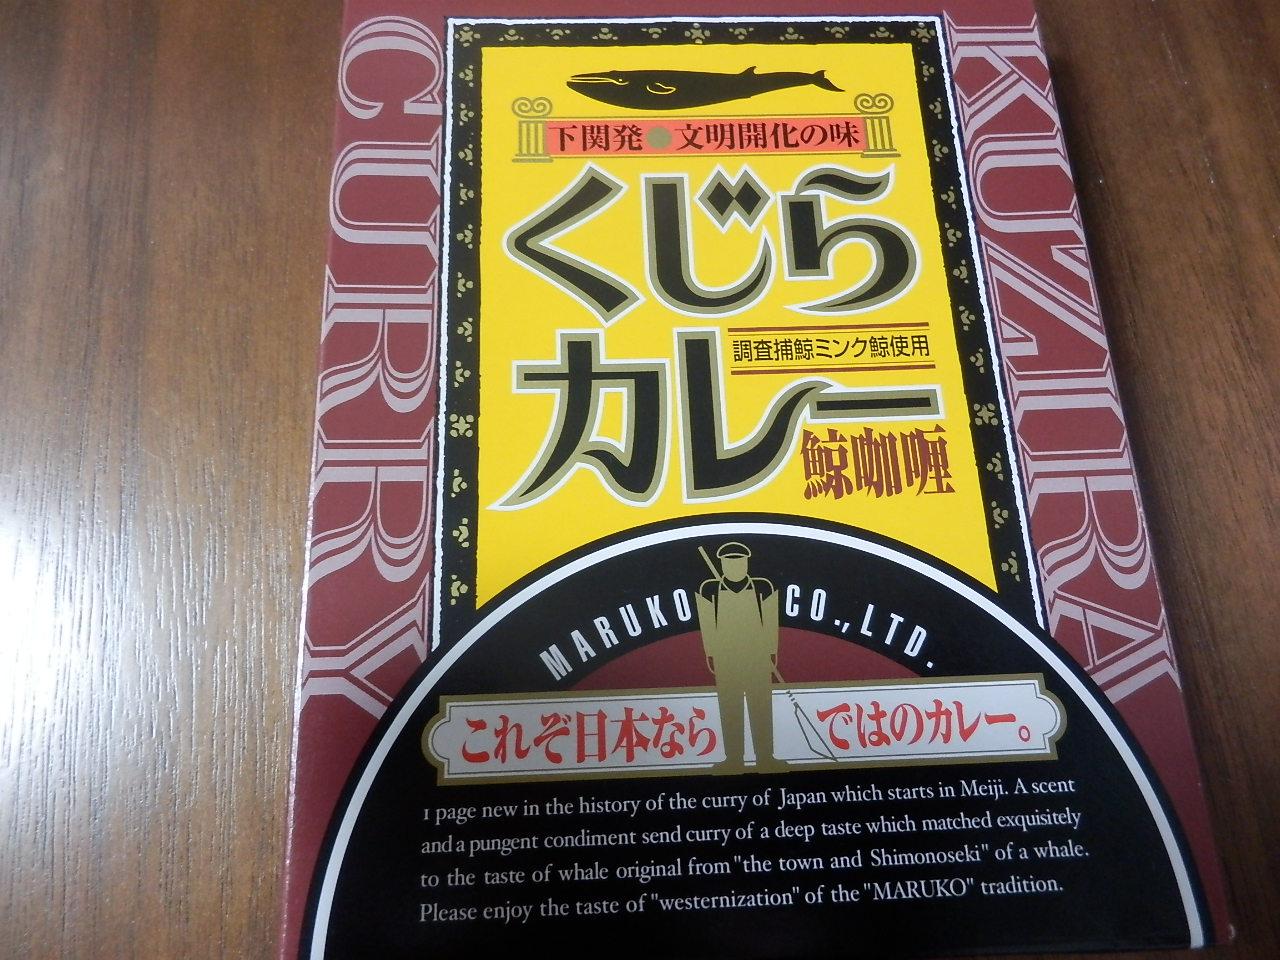 http://curry.tokyo-review.com/image4/P9121488.JPG